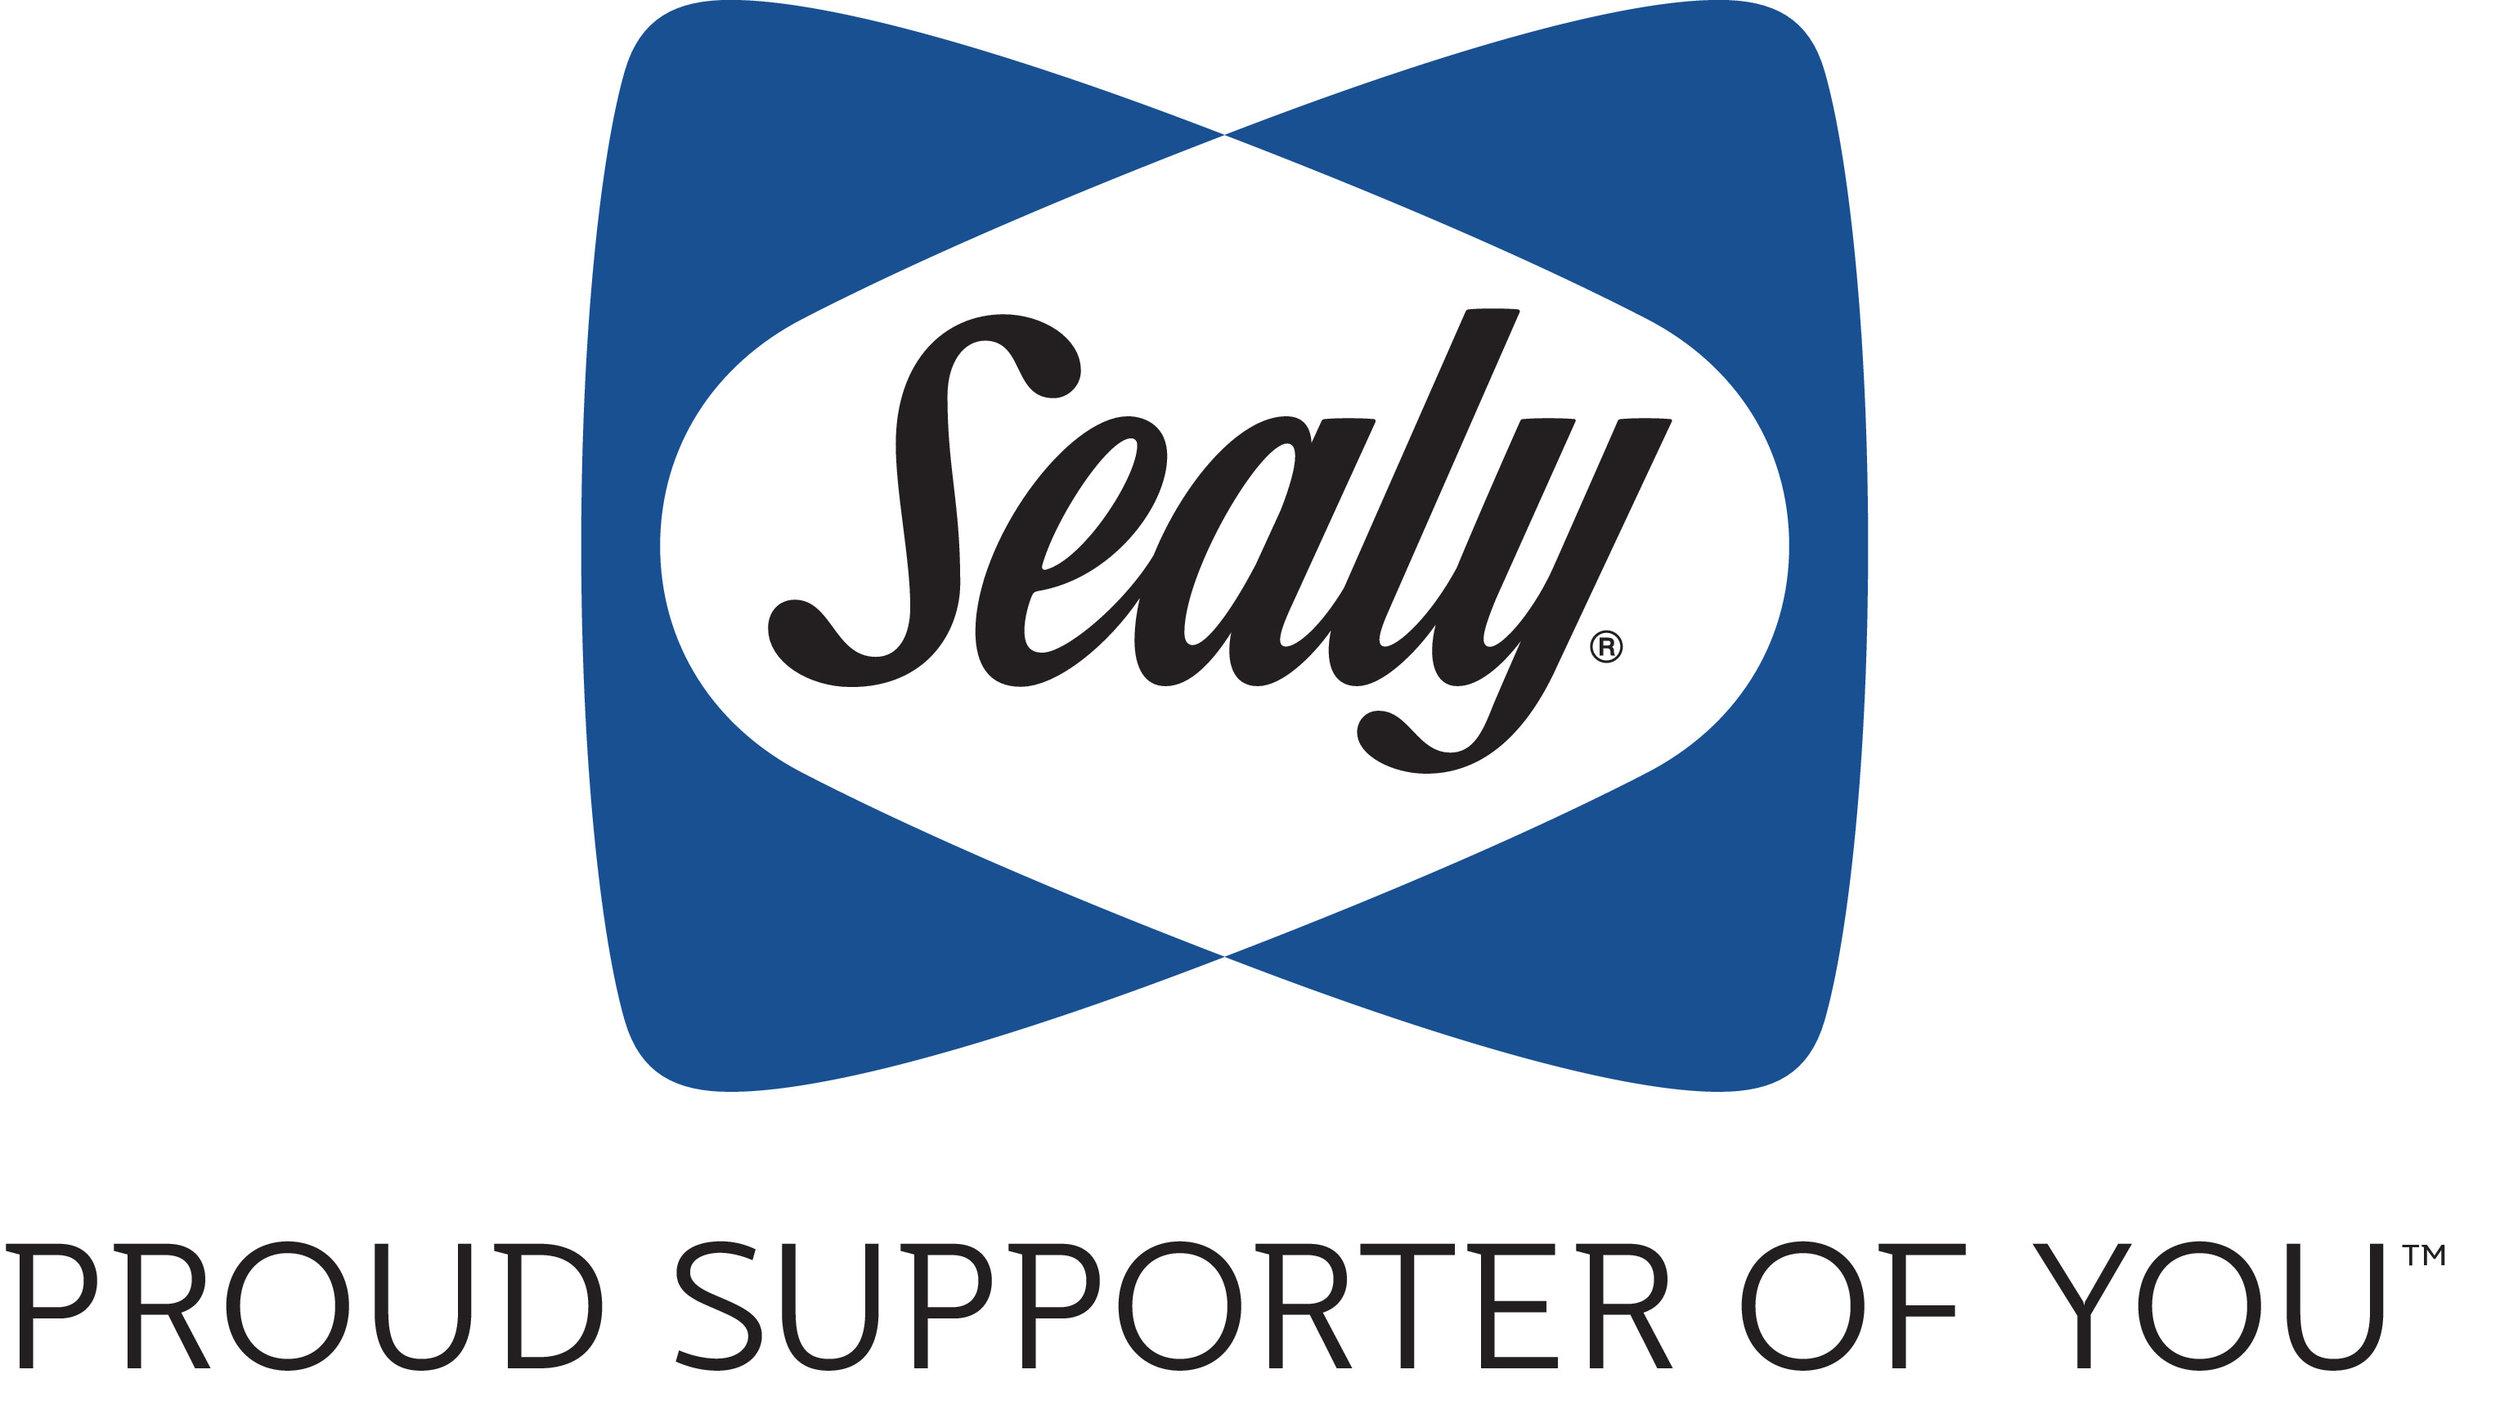 Sealy_PSOY_V_CMYK_NewFont_Nov16.jpg